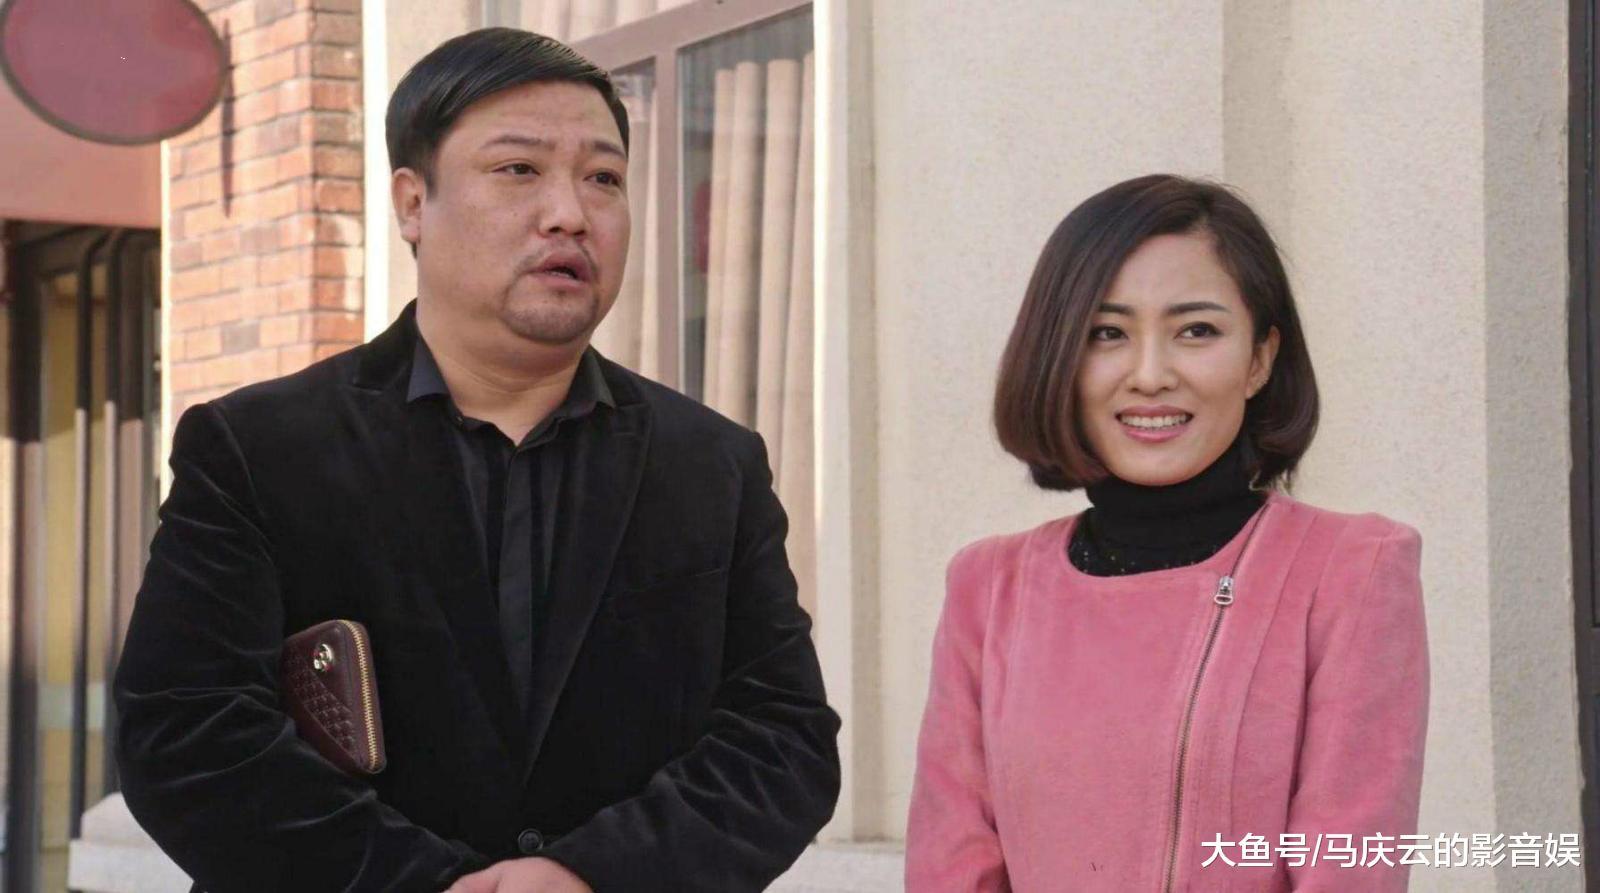 赵本山电视剧成平台新宠, 《乡村爱情11》确定贺岁春节俩档期